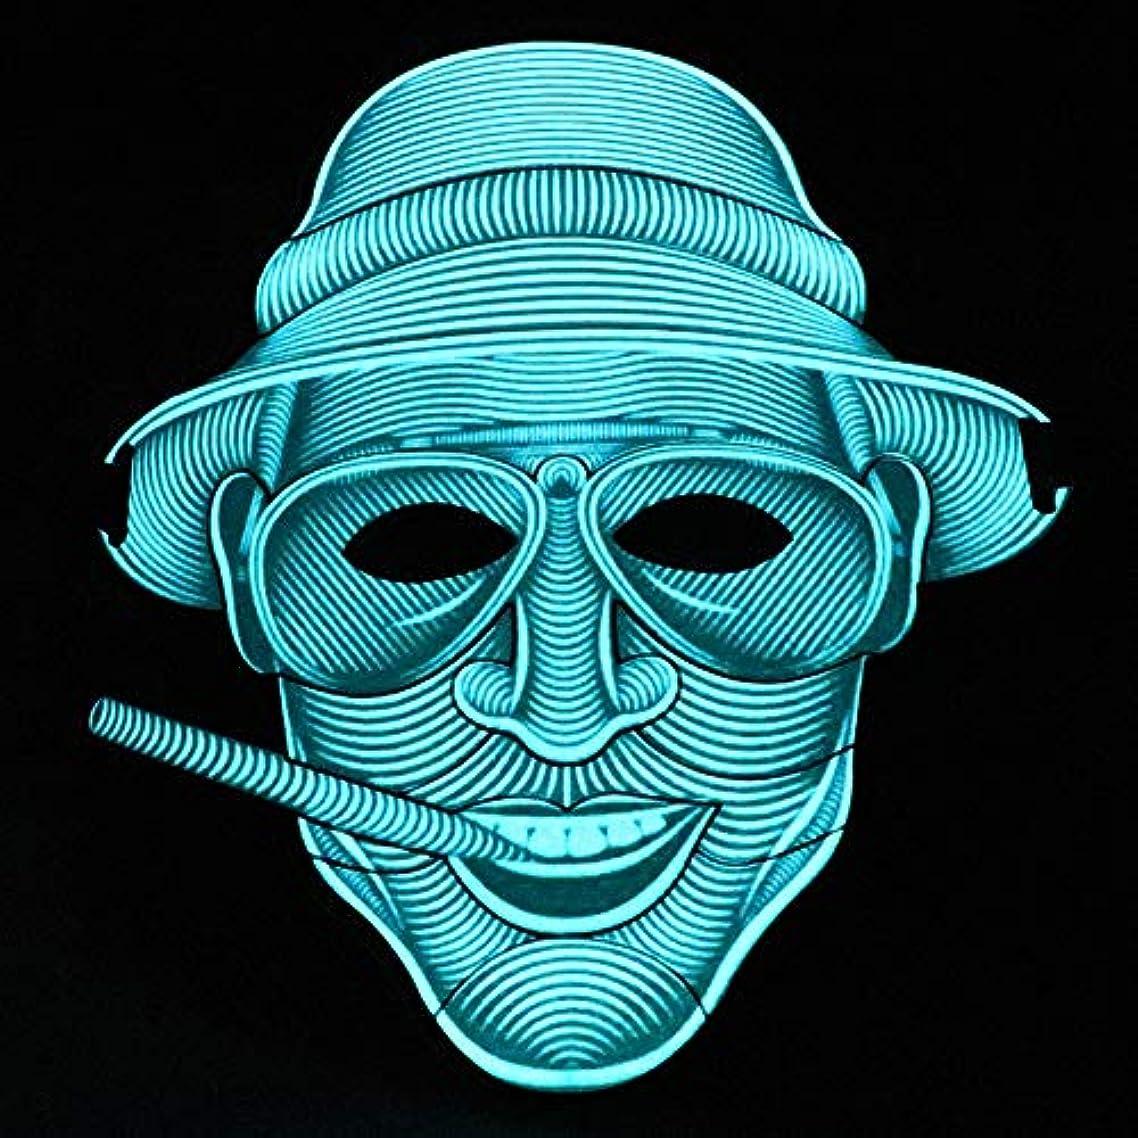 終わったカートリッジ拒絶照らされたマスクLED創造的な冷光音響制御マスクハロウィンバーフェスティバルダンスマスク (Color : #15)